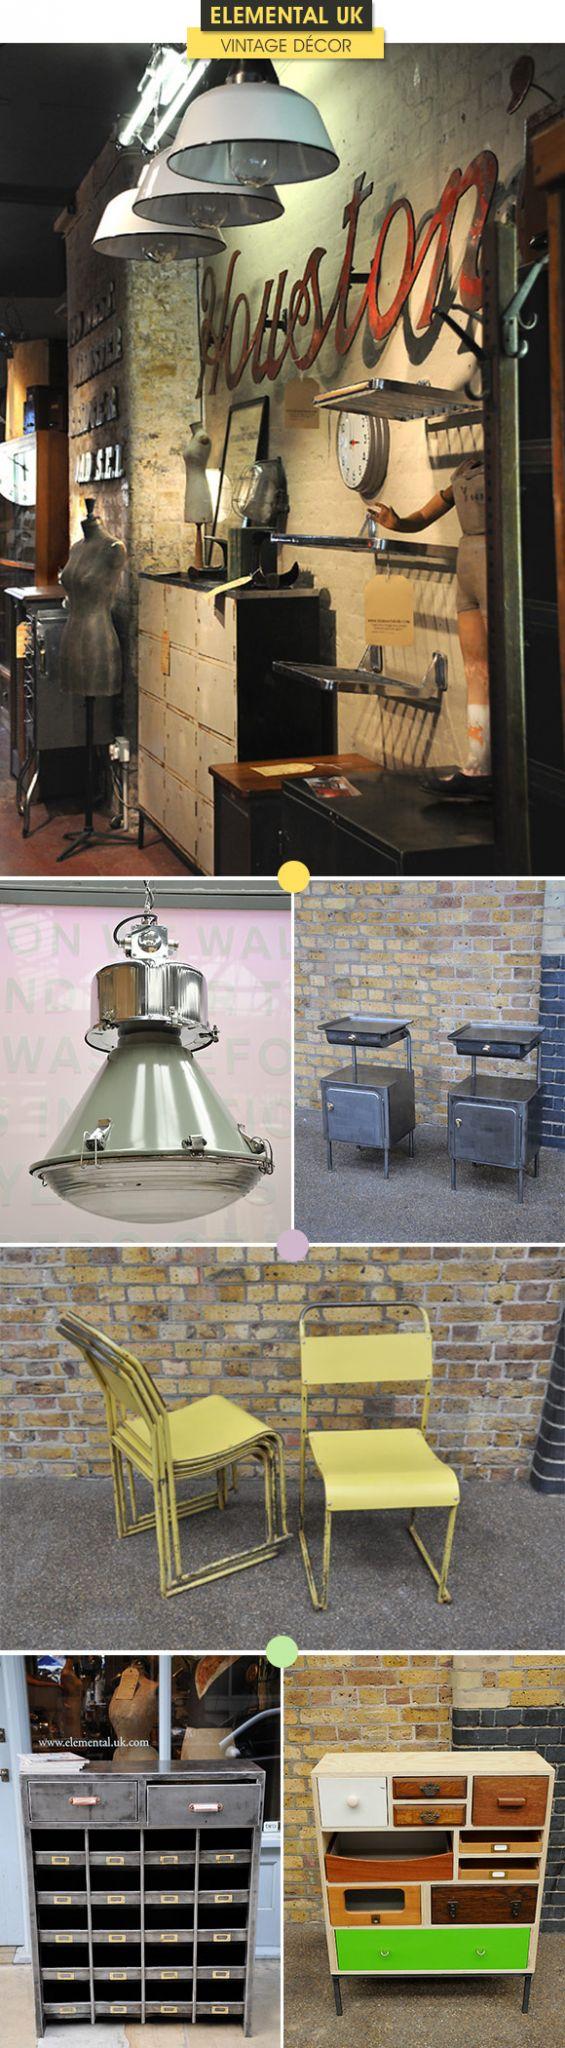 Achados da Bia | Loja de decoração | Londres | Móveis vintage | Elemental UK